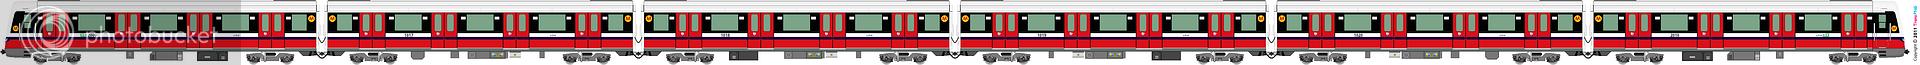 [5328] Metro Warszawskie 2328